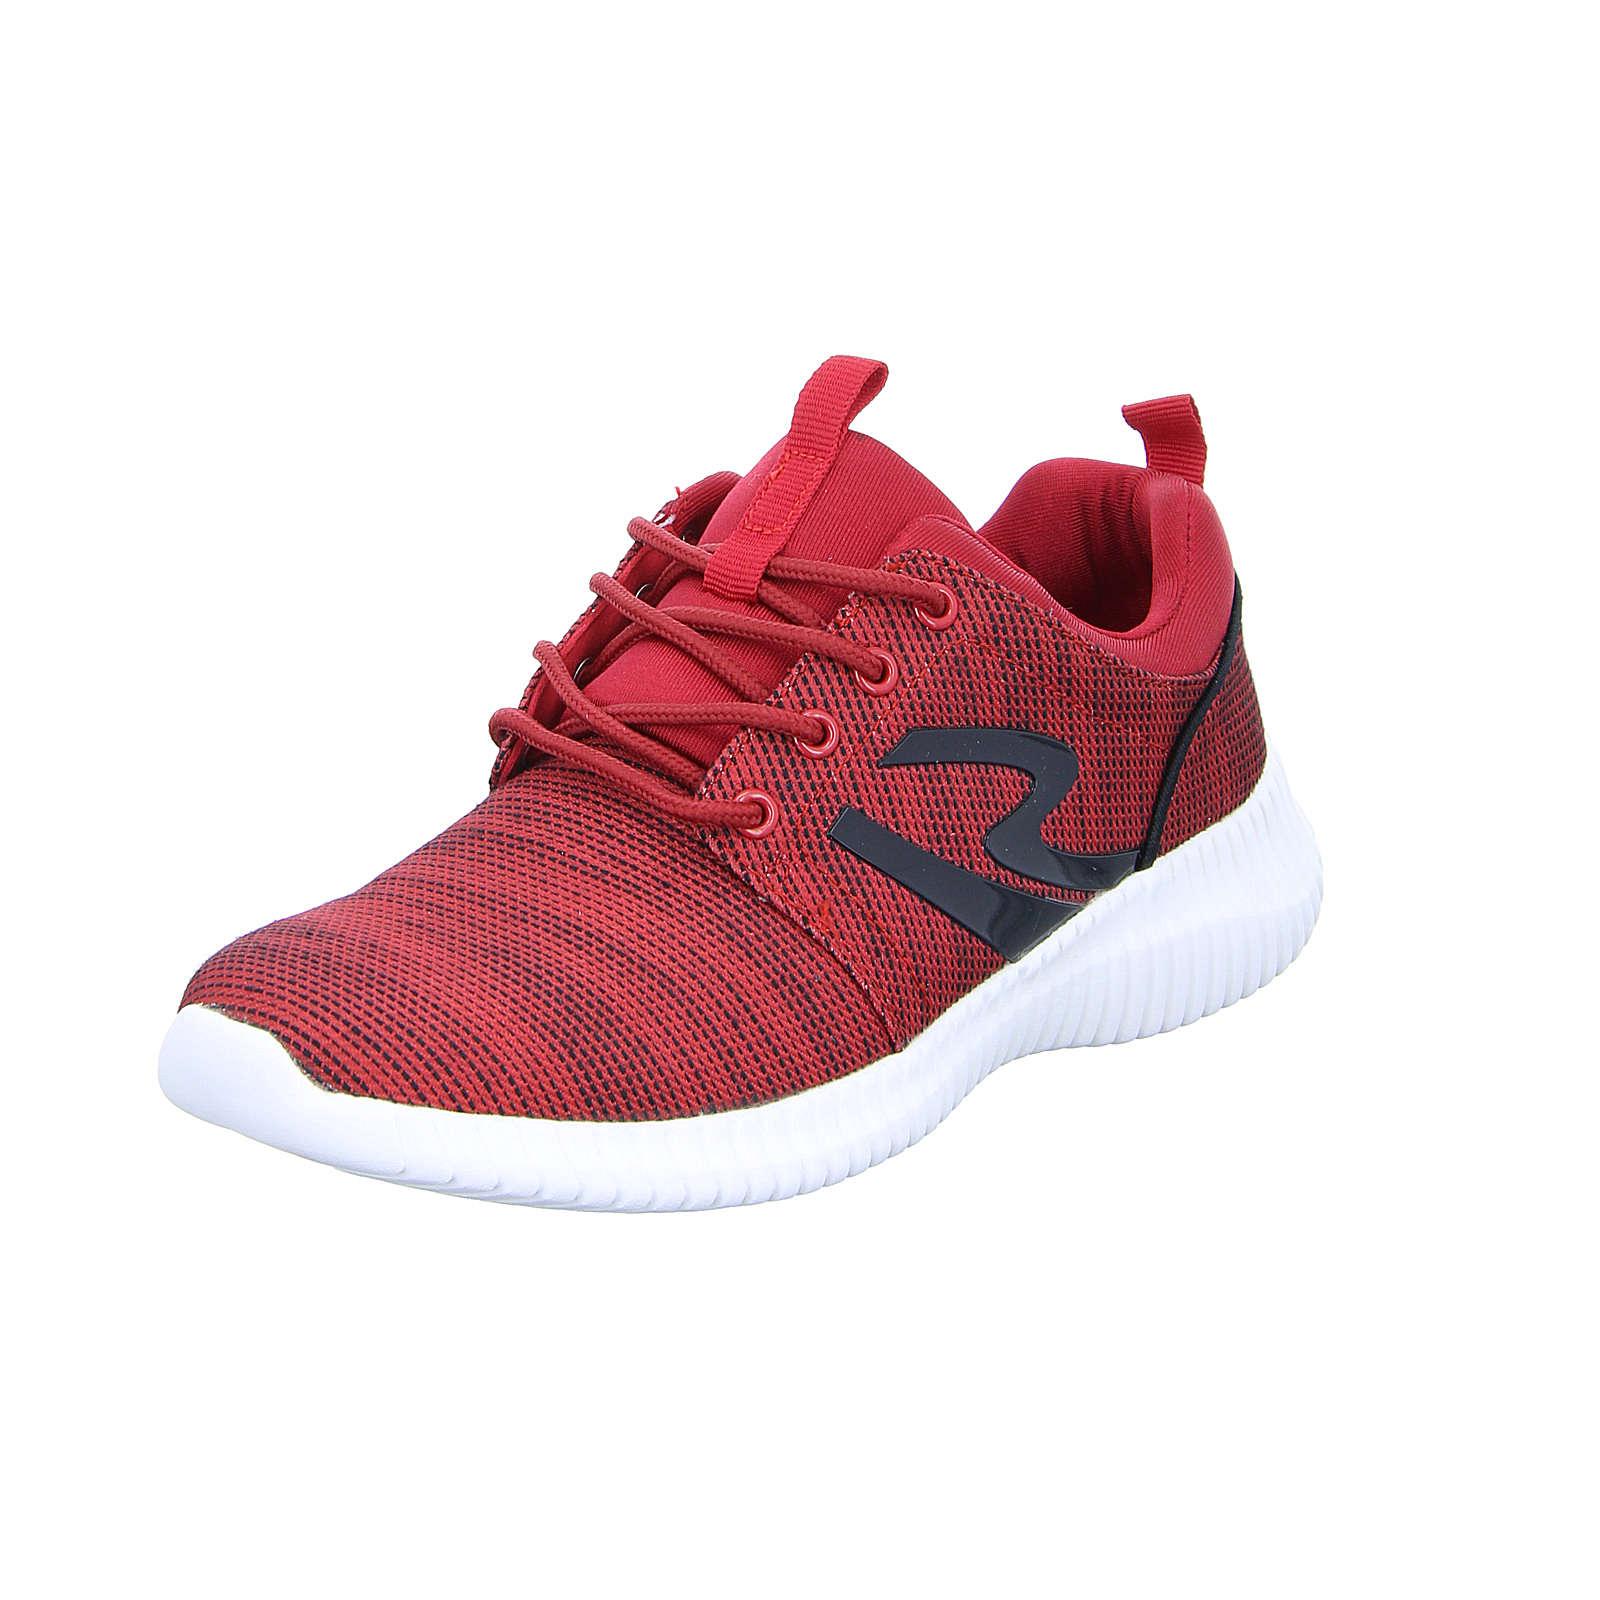 Image of 1704057B Sneakers Low rot Herren Gr. 43